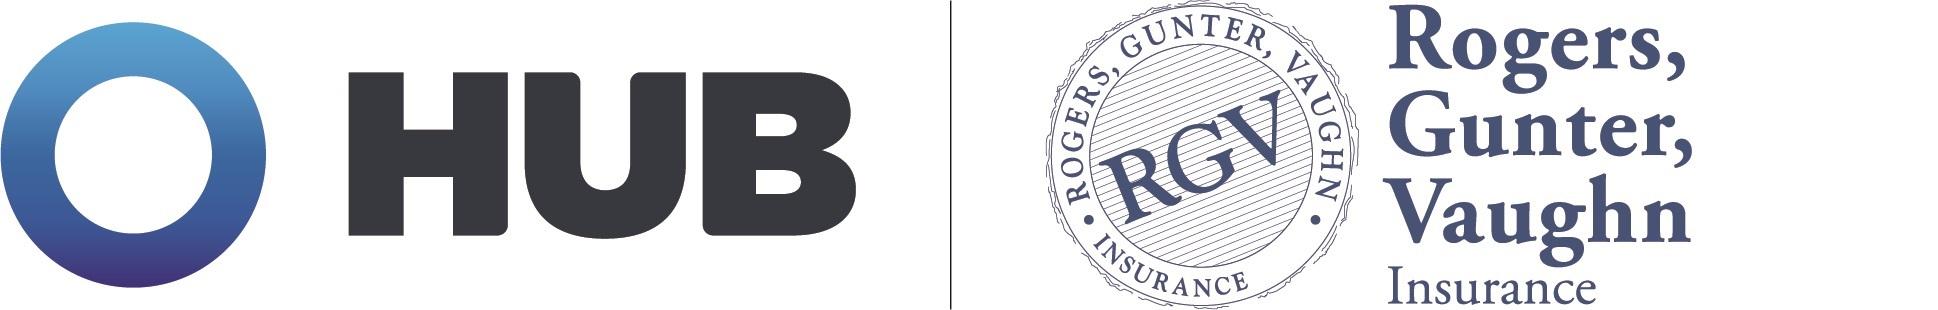 HUB-RGVI Logo